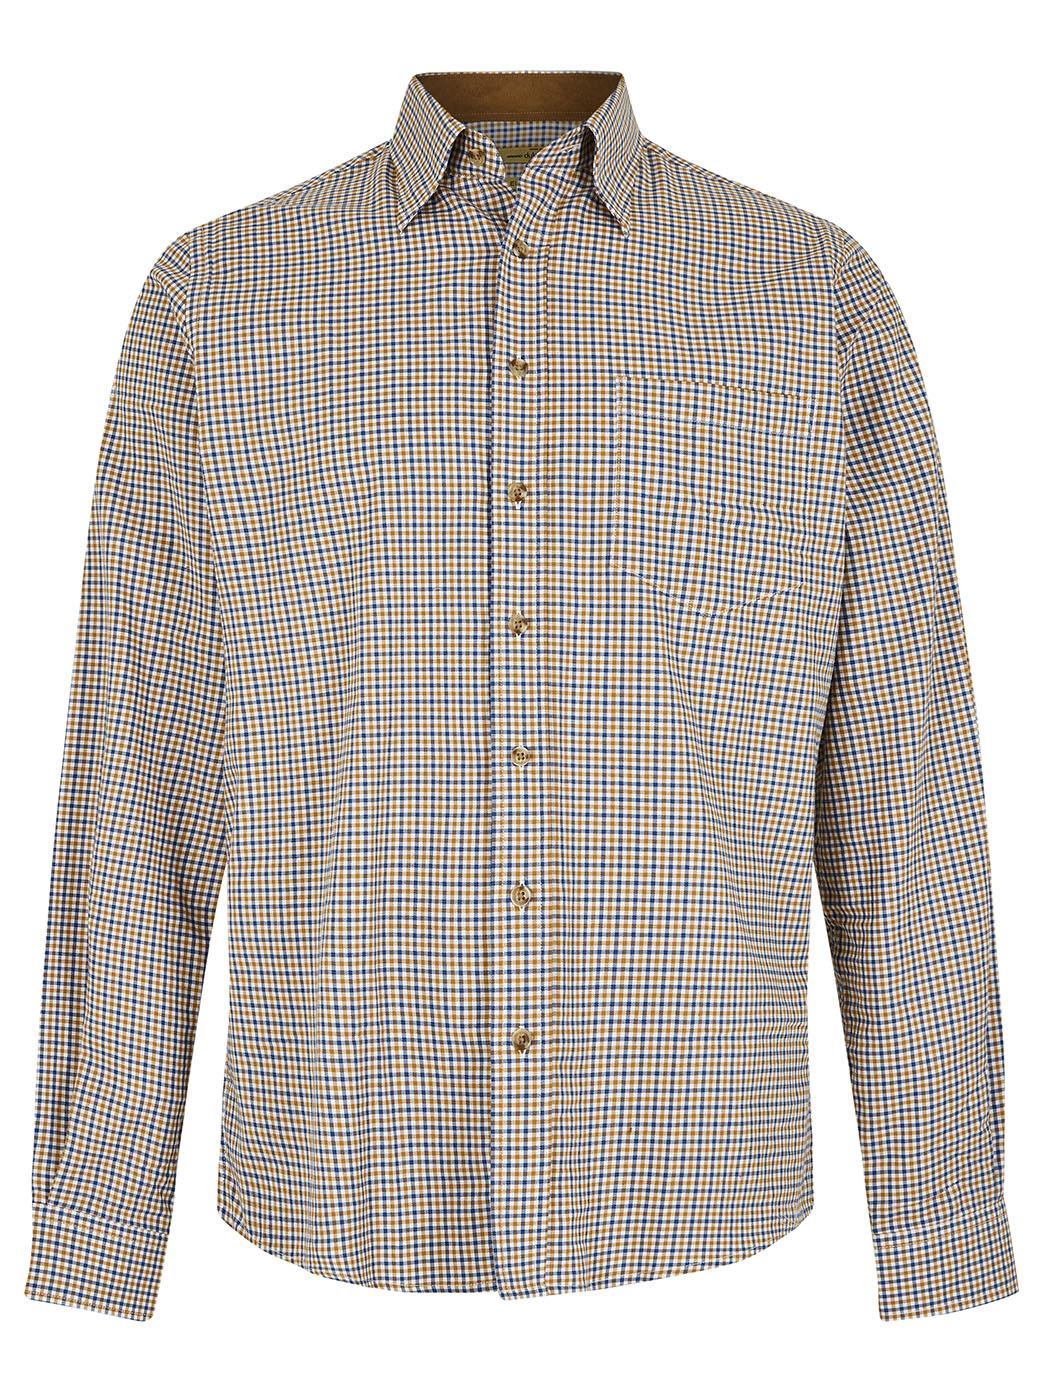 Dubarry Shrewsbury Katoenen Shirt - Amber-1